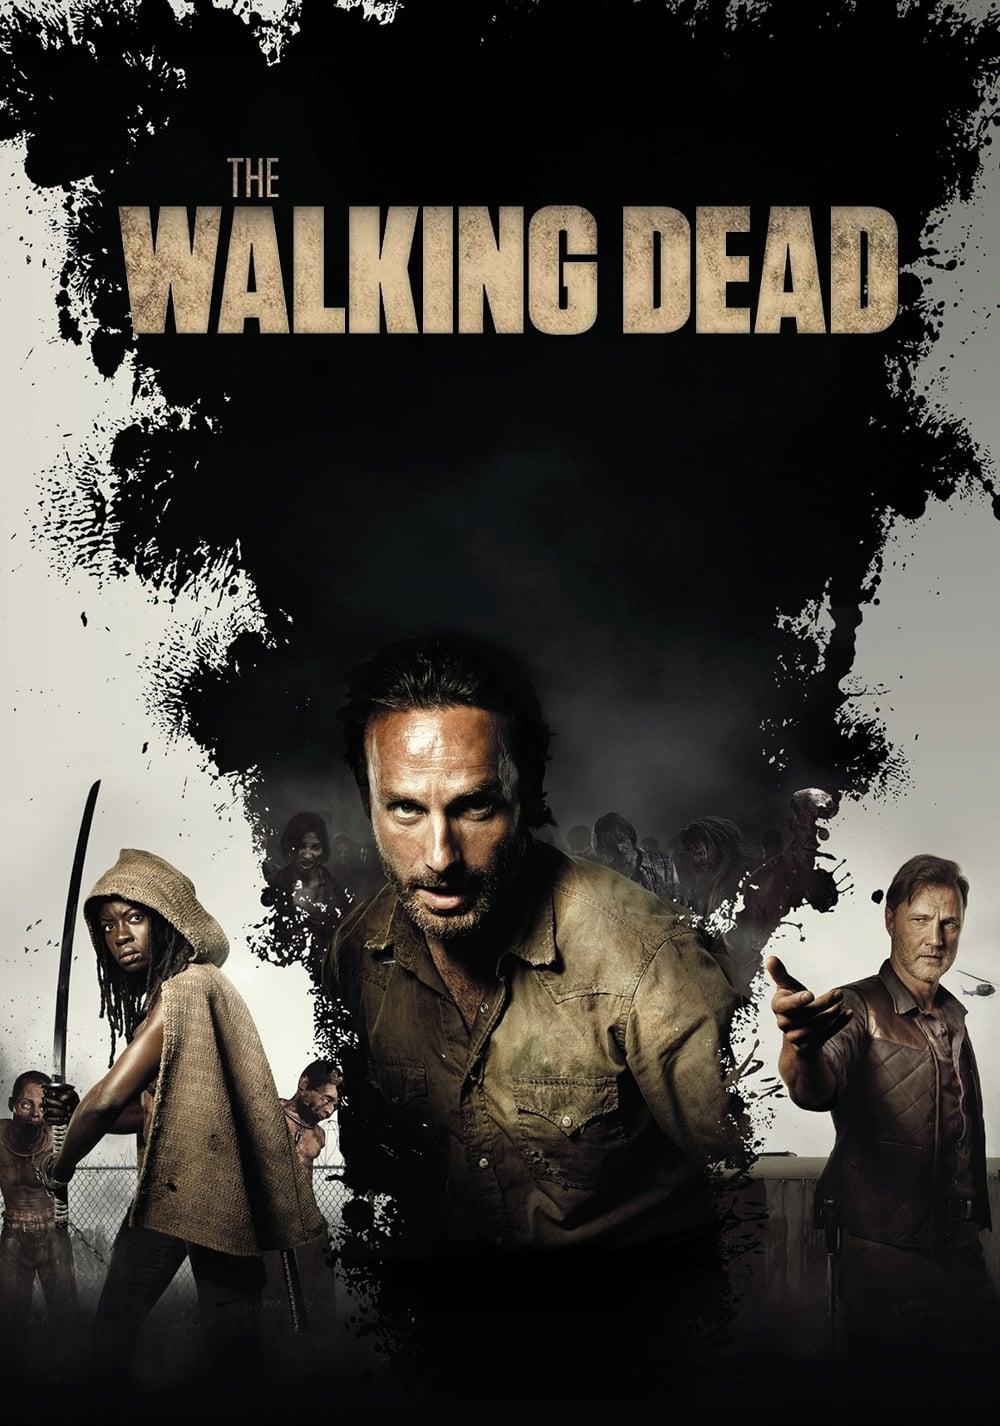 The Walking Dead 3 Season